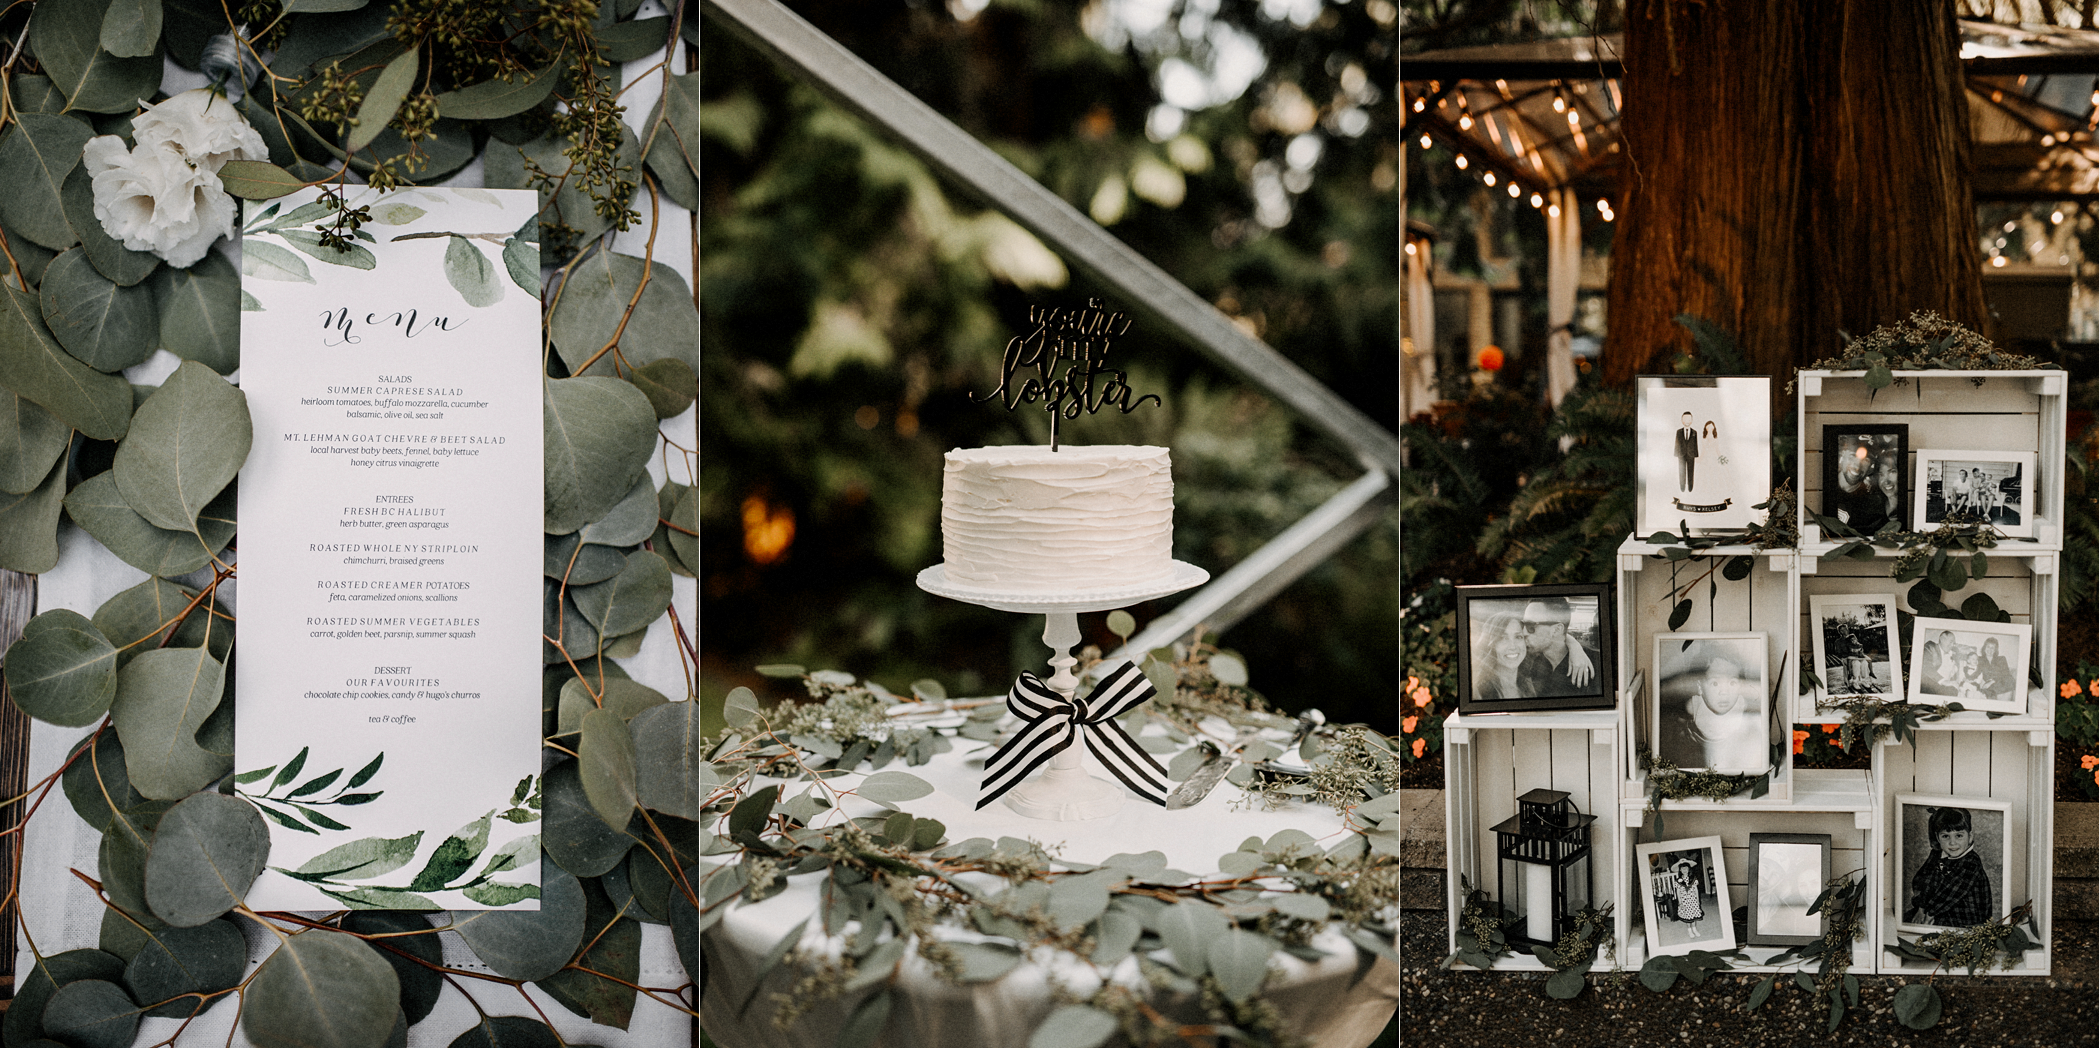 067-kaoverii-silva-KR-wedding-vancouver-photography-blog.png